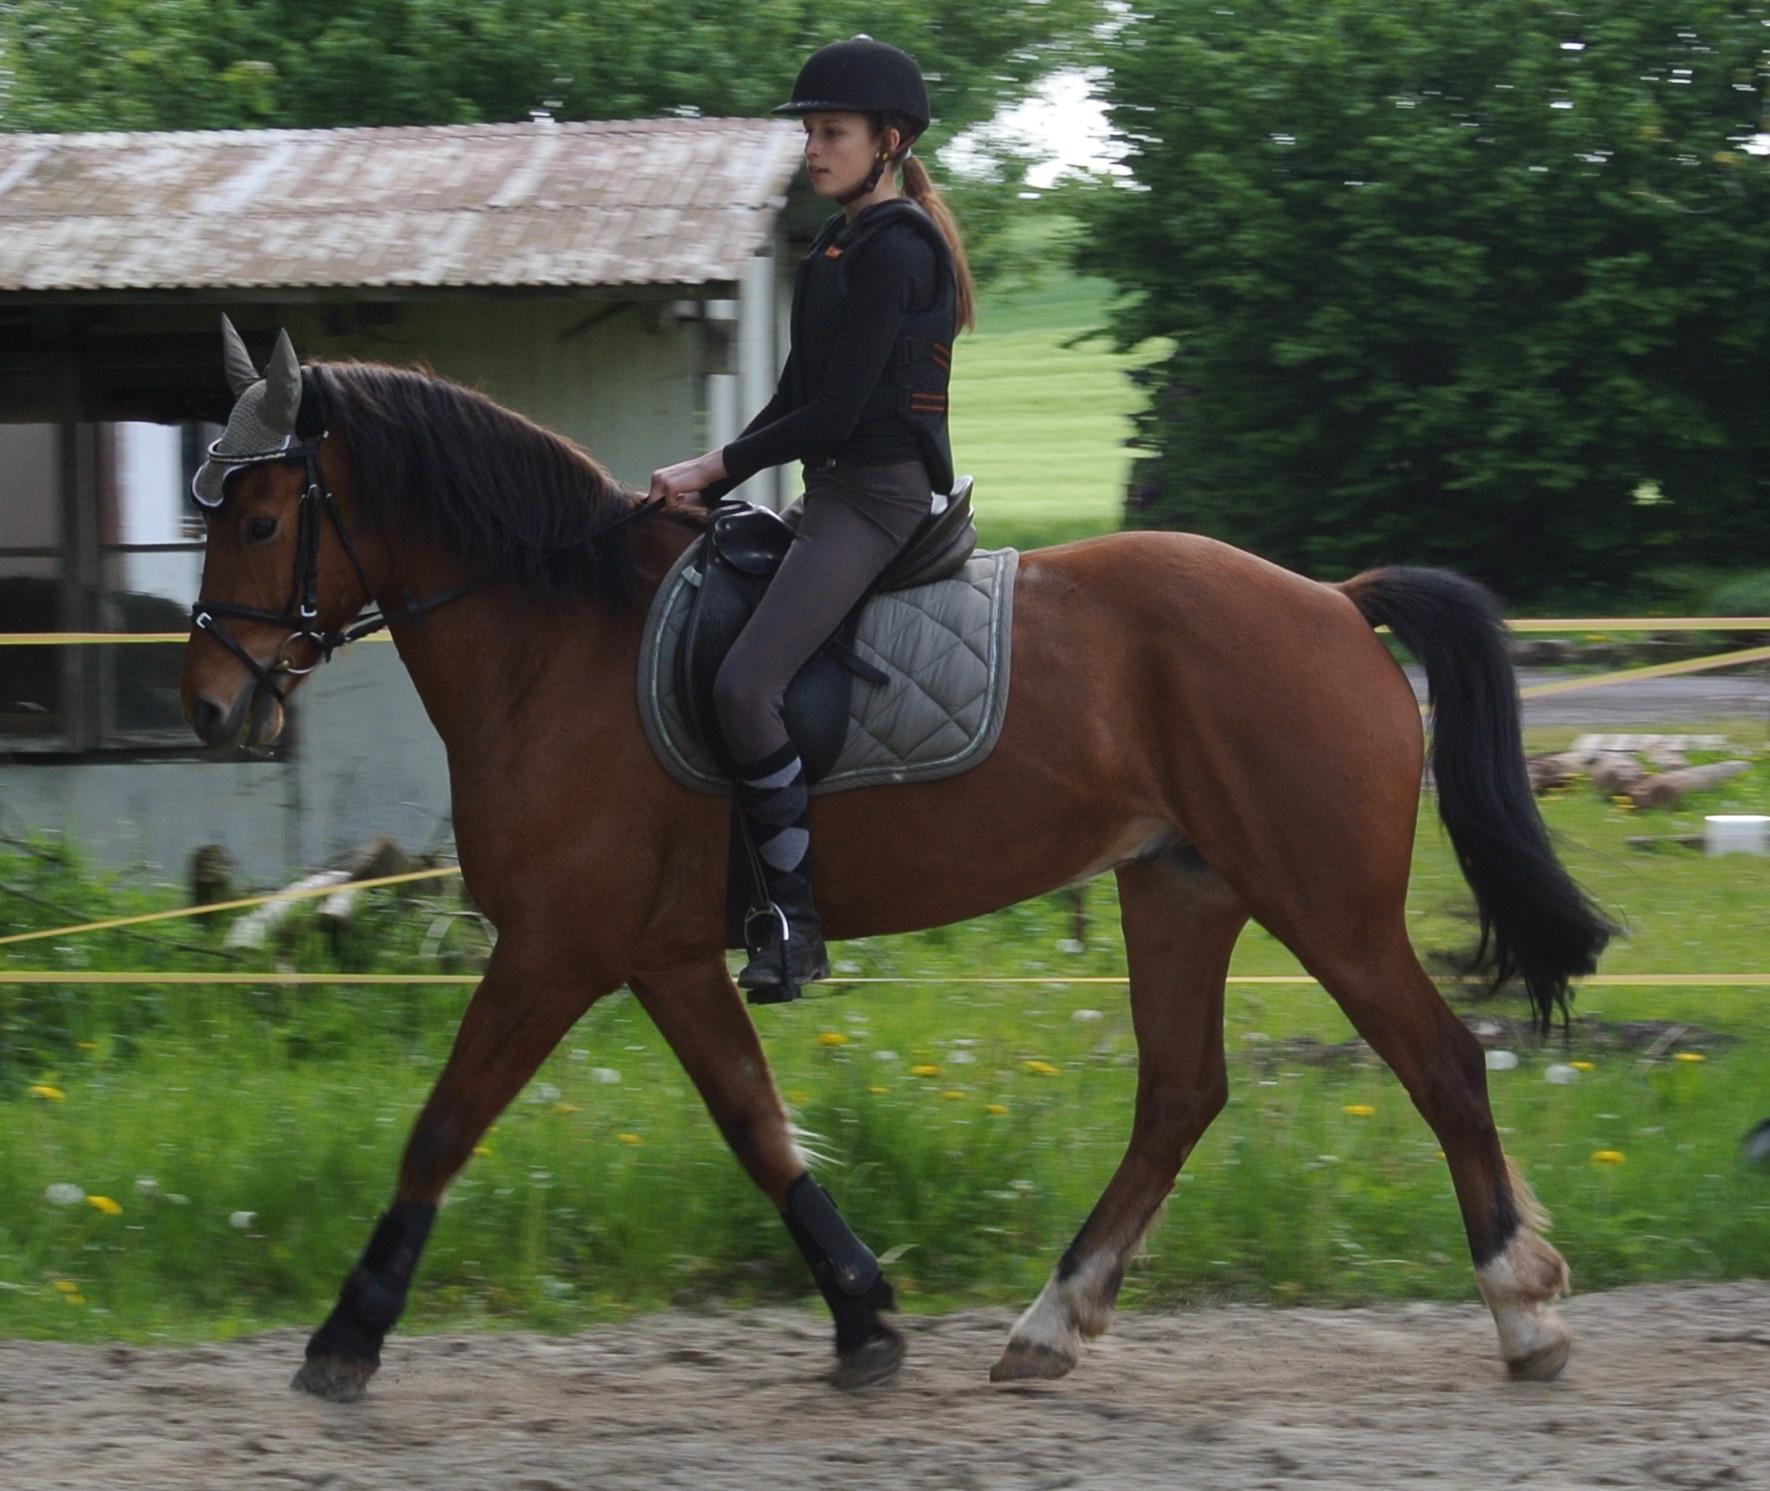 Welche Schabracken passen du diesen Pferden? (Pferde, Farbe, reiten)